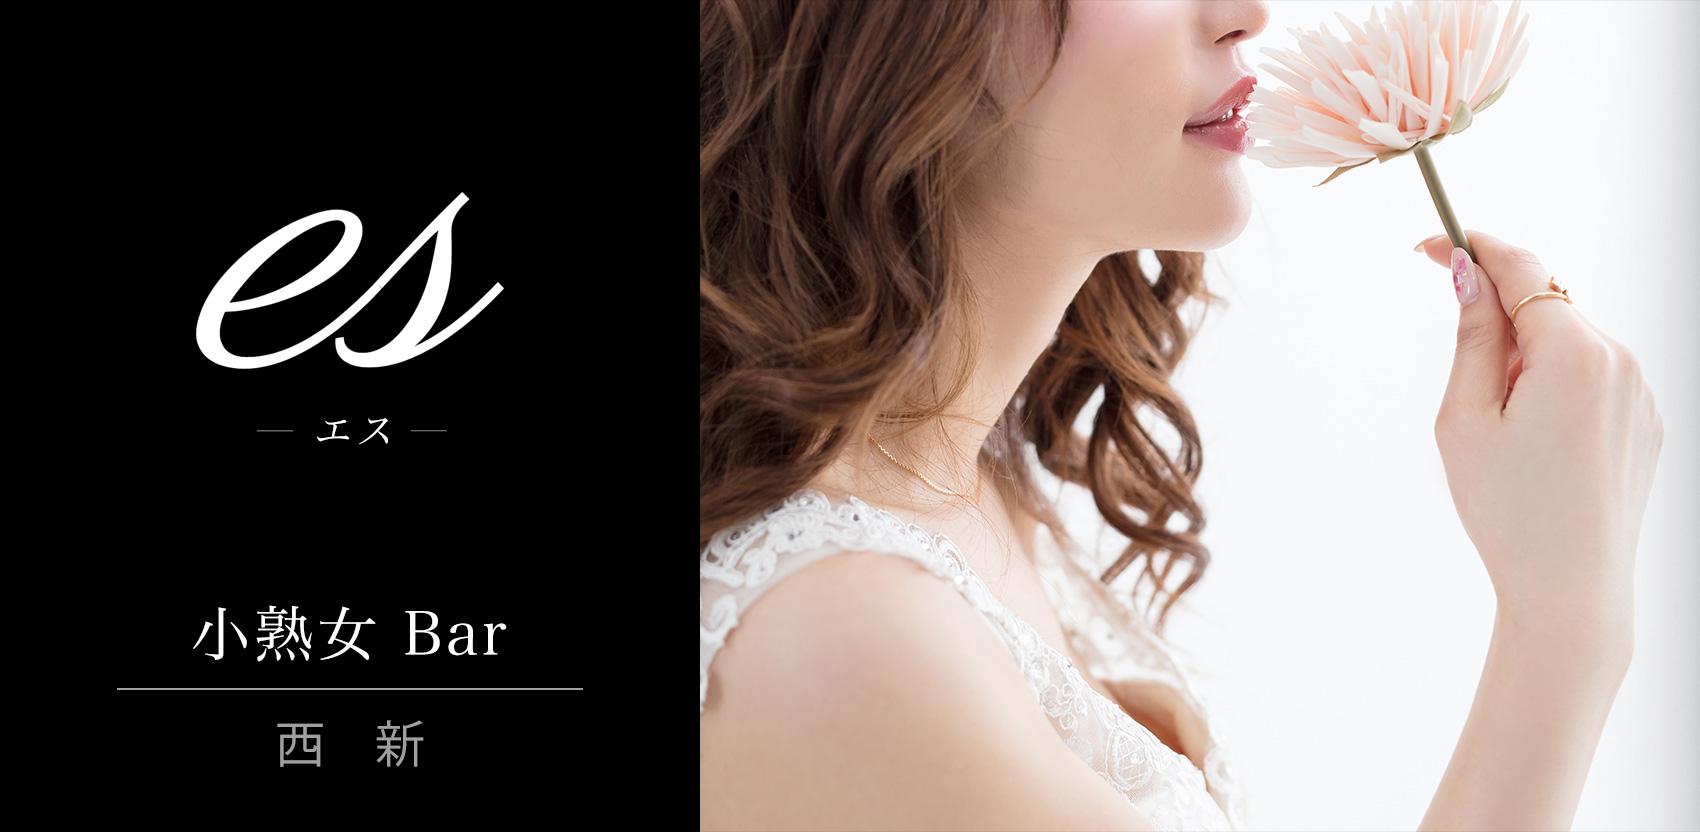 [西新] 小熟女Bar es (エス)